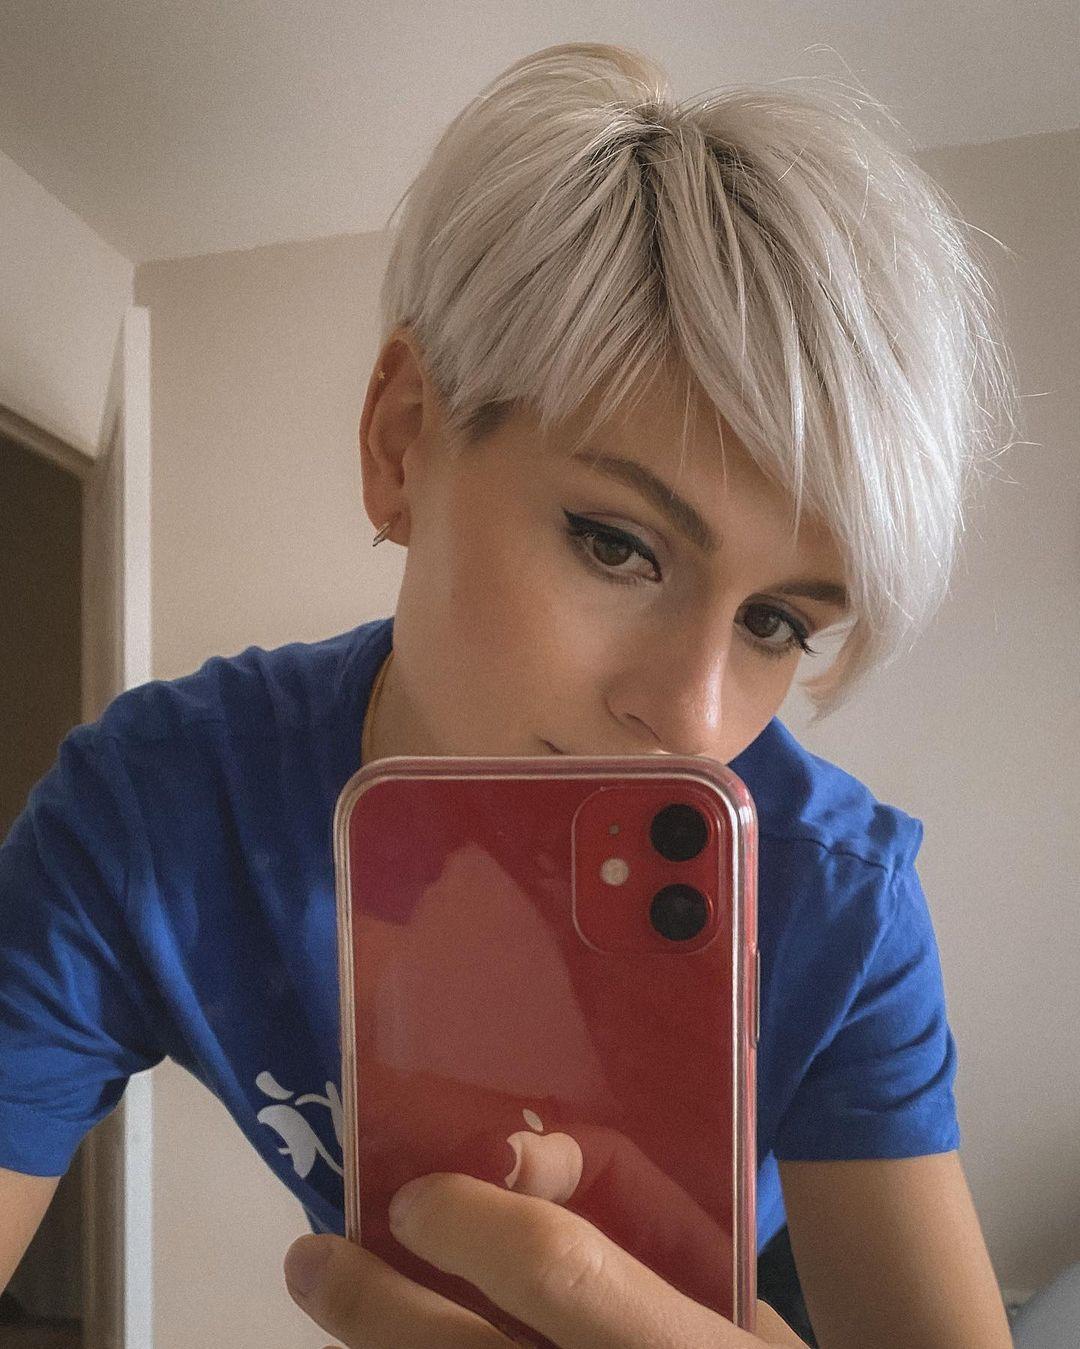 Irina Games Kurze Frisur.Wie findet ihr einen Pixie Cut?